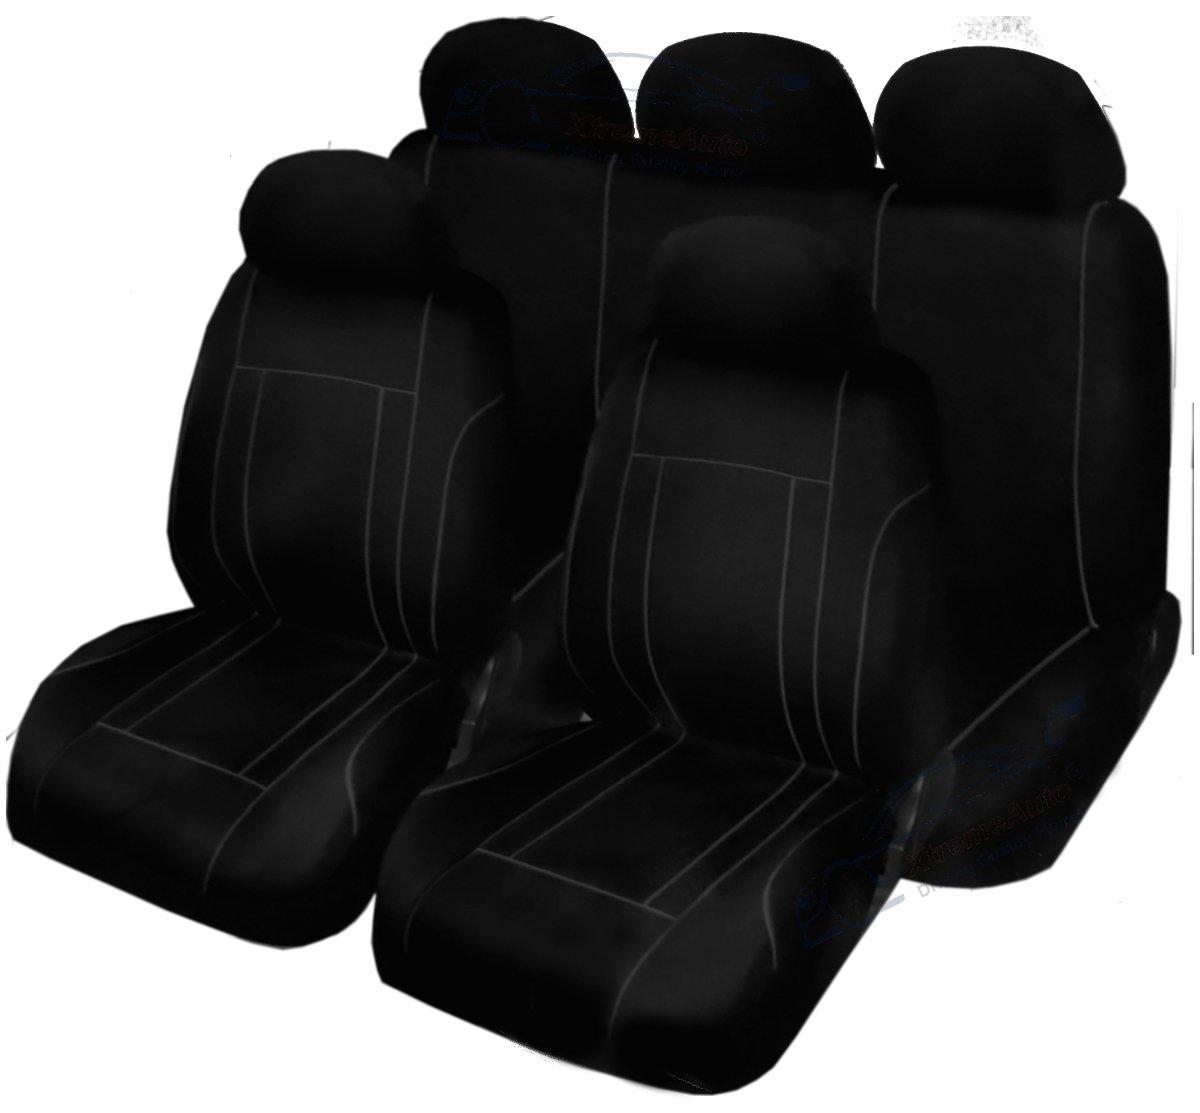 XtremeAuto® BLACK/GREY TRIM, Complete 9 Piece VELOUR Seat Cover Set XtremeAuto®